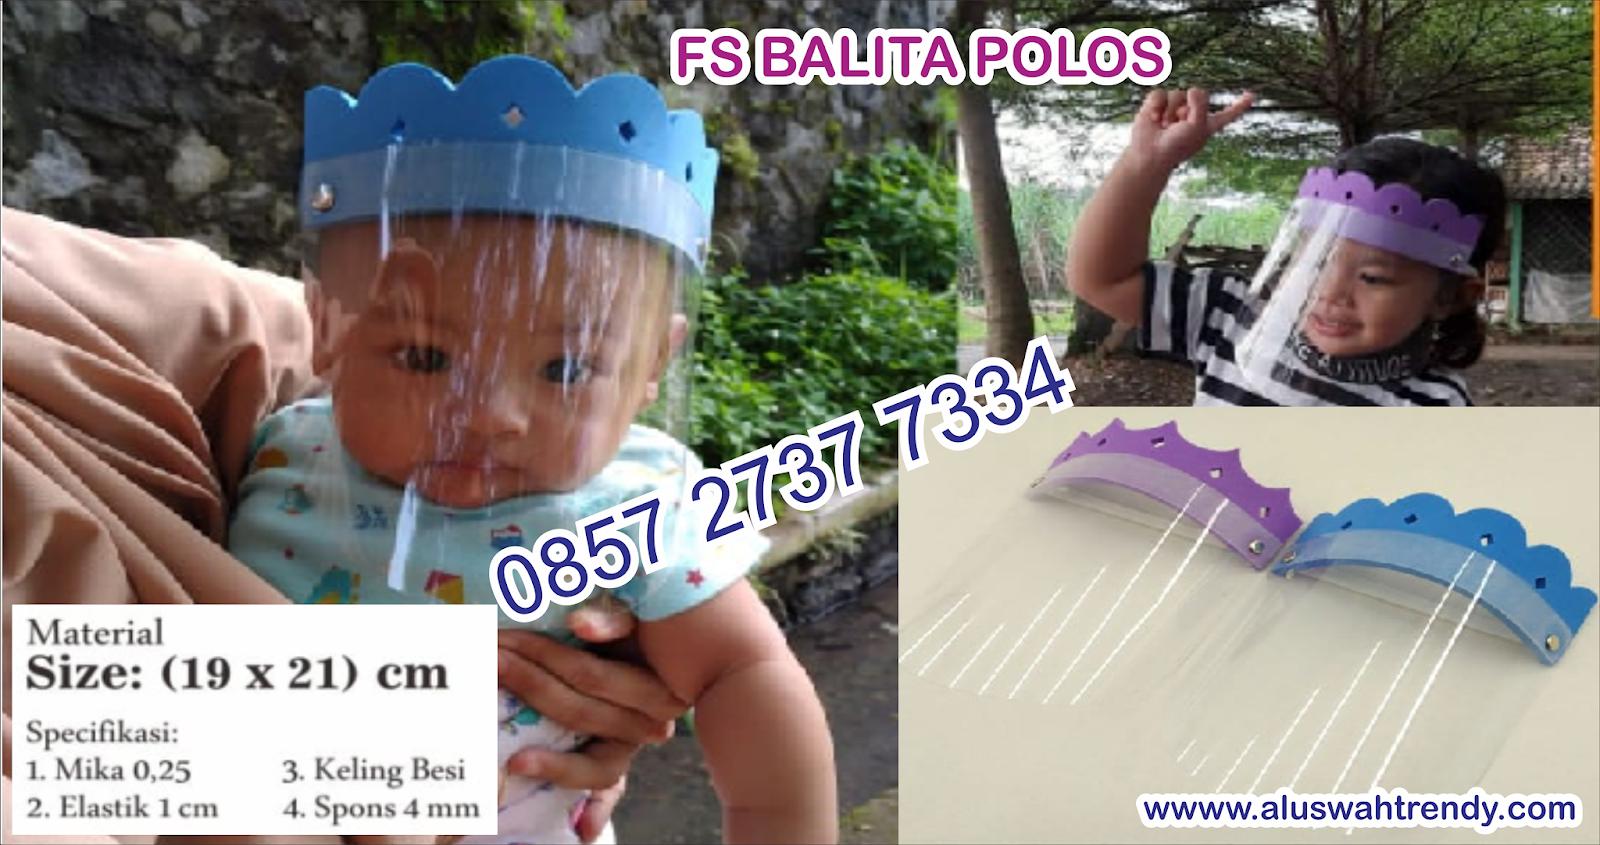 Face Shield Balita Polos